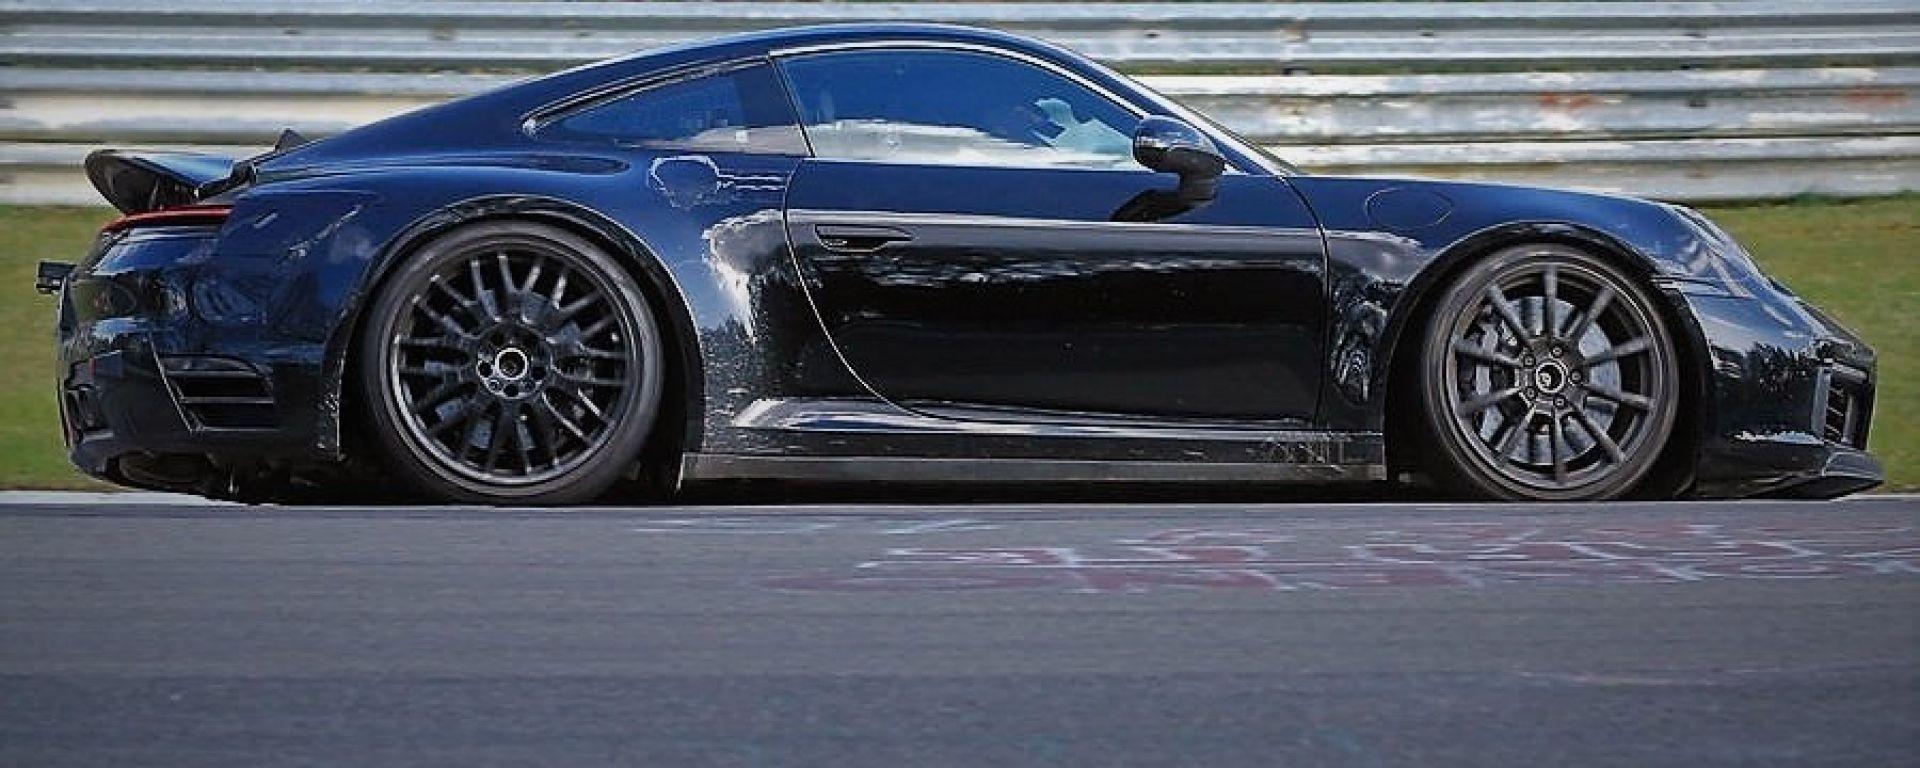 Porsche 911 Turbo: un muletto al Nurburgring